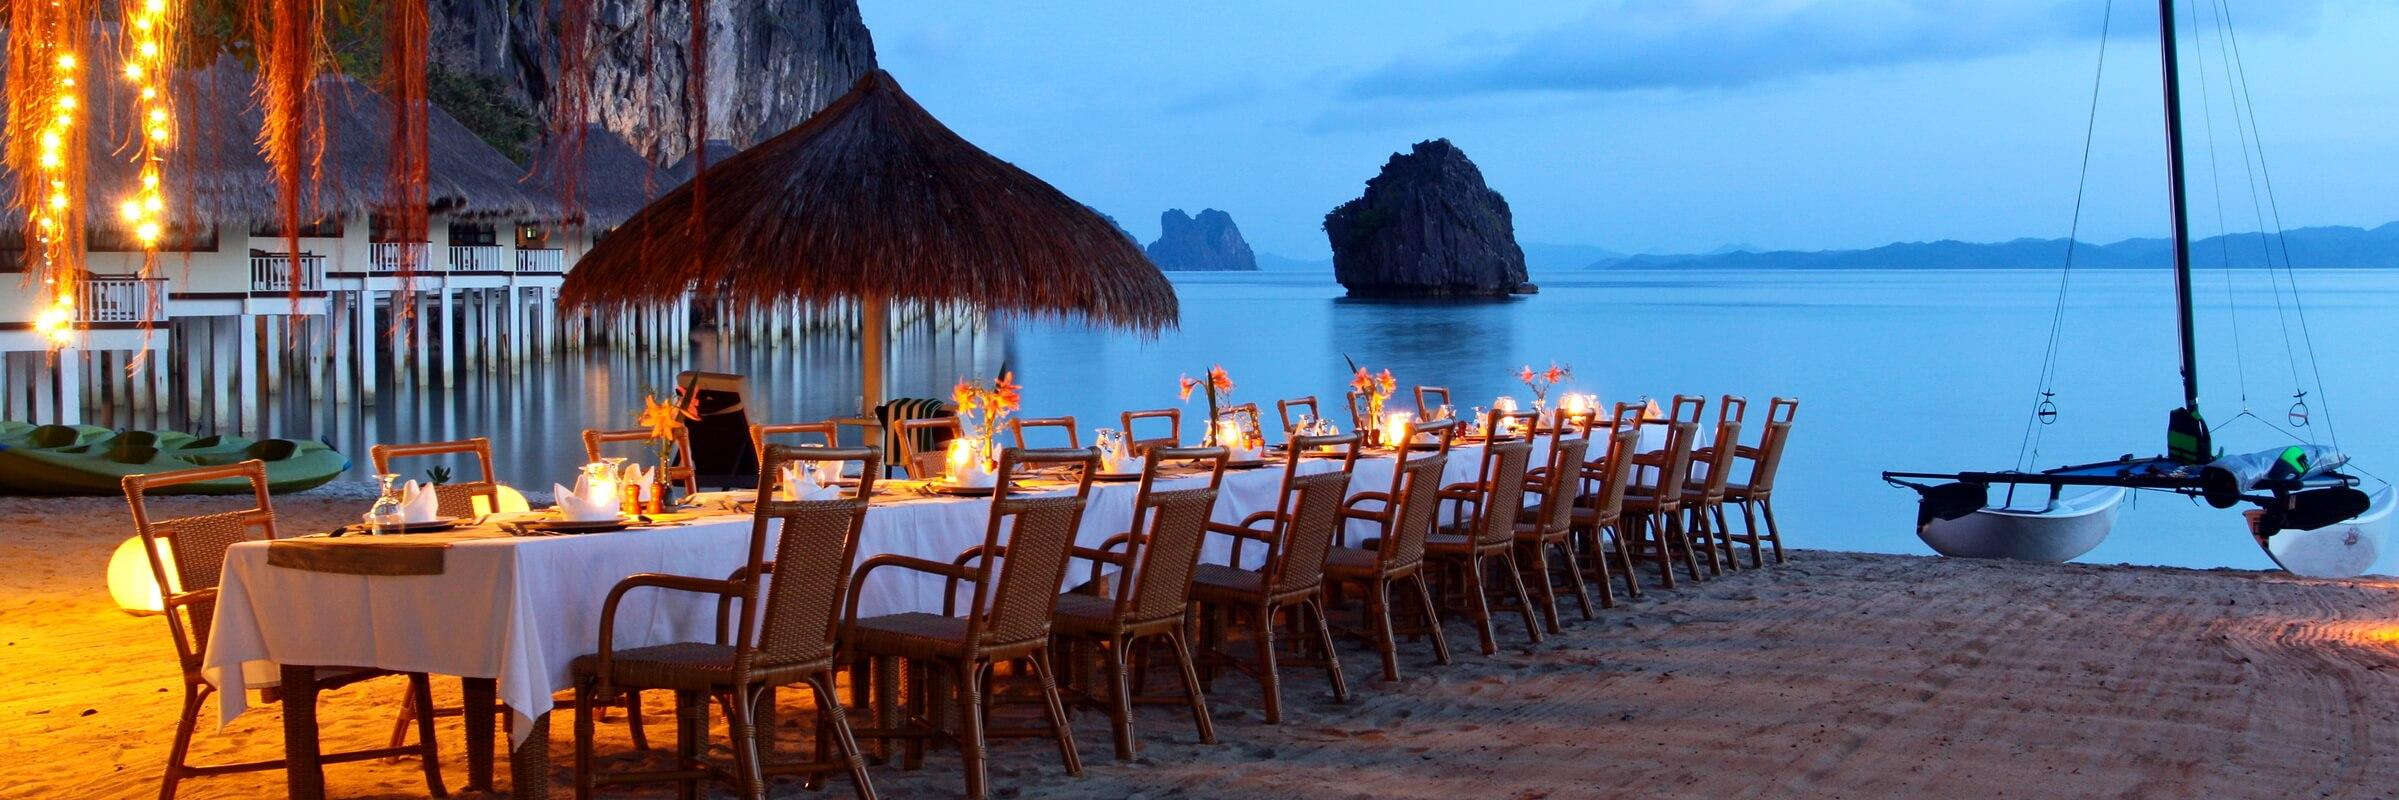 Ein Gemütliches Dinner am Strand im El Nido Apulit Island Resort bei Sonnenuntergang